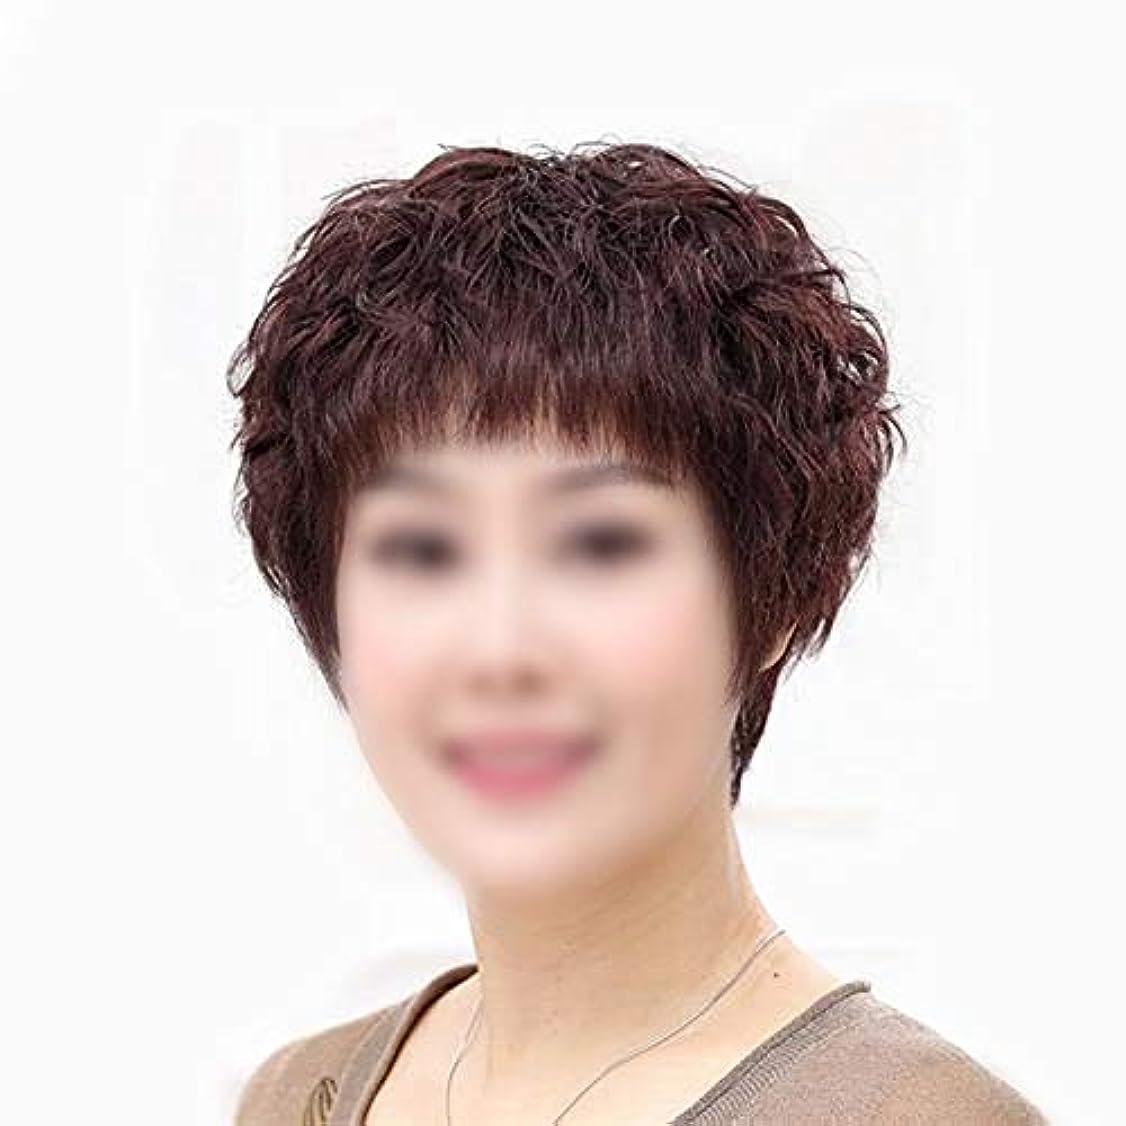 潜在的なチャールズキージング回転YOUQIU 本当の髪ショートカーリーヘアふわふわナチュラル女性中年の母親ウィッグウィッグ (色 : Dark brown)